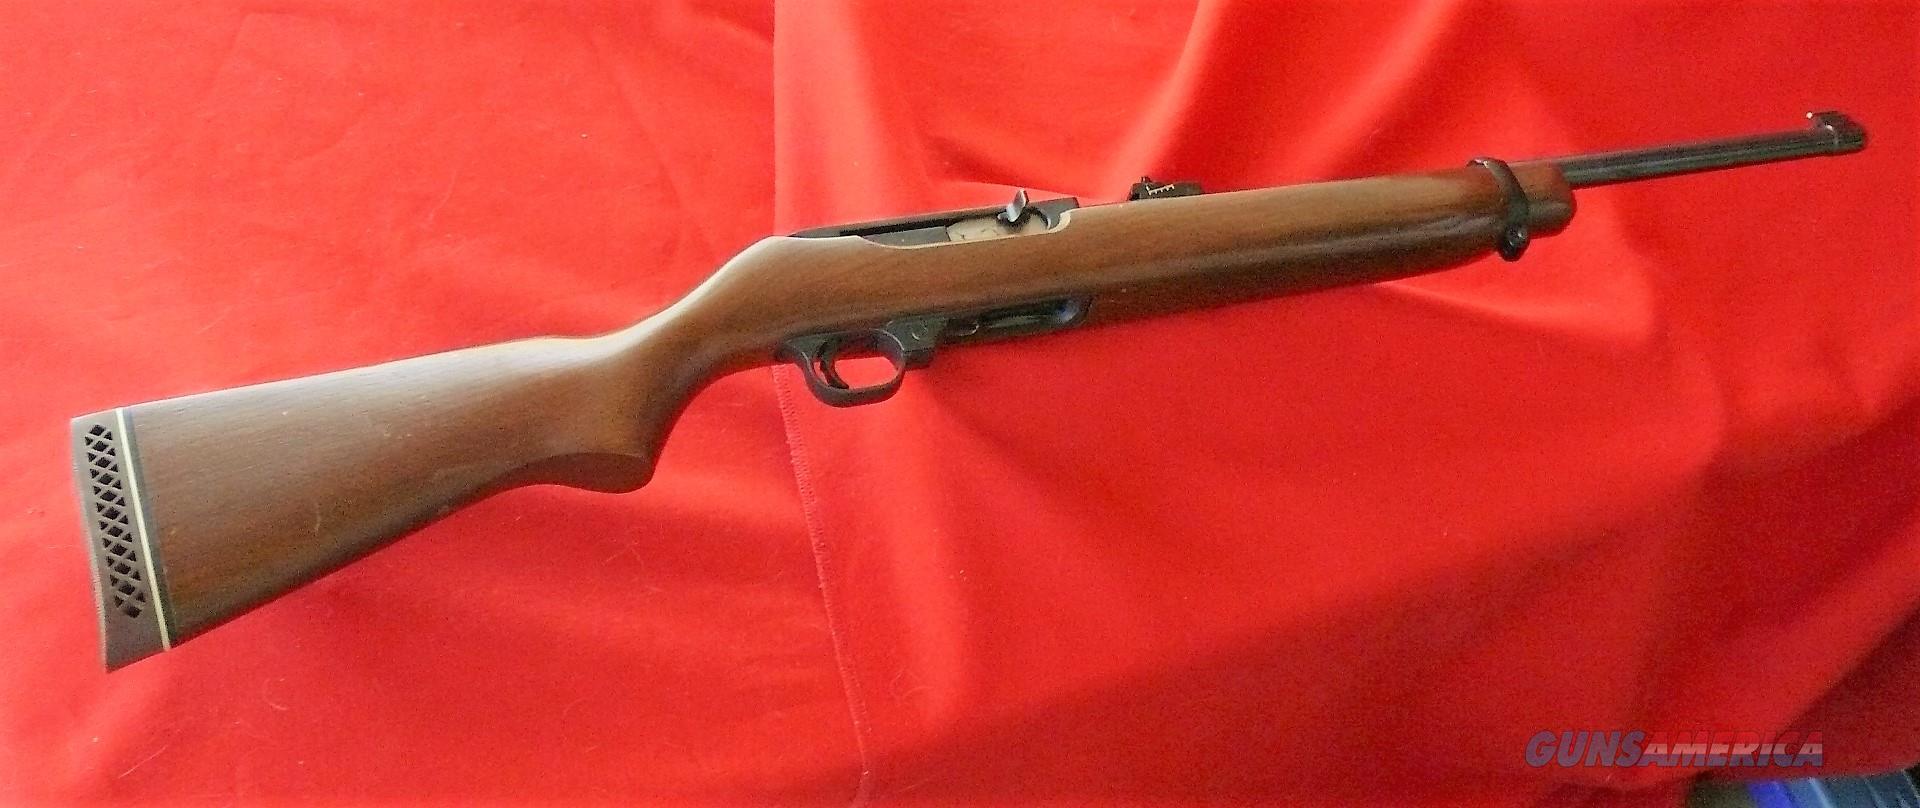 ruger 44 magnum deerfield carbine 44 mag sem for sale. Black Bedroom Furniture Sets. Home Design Ideas